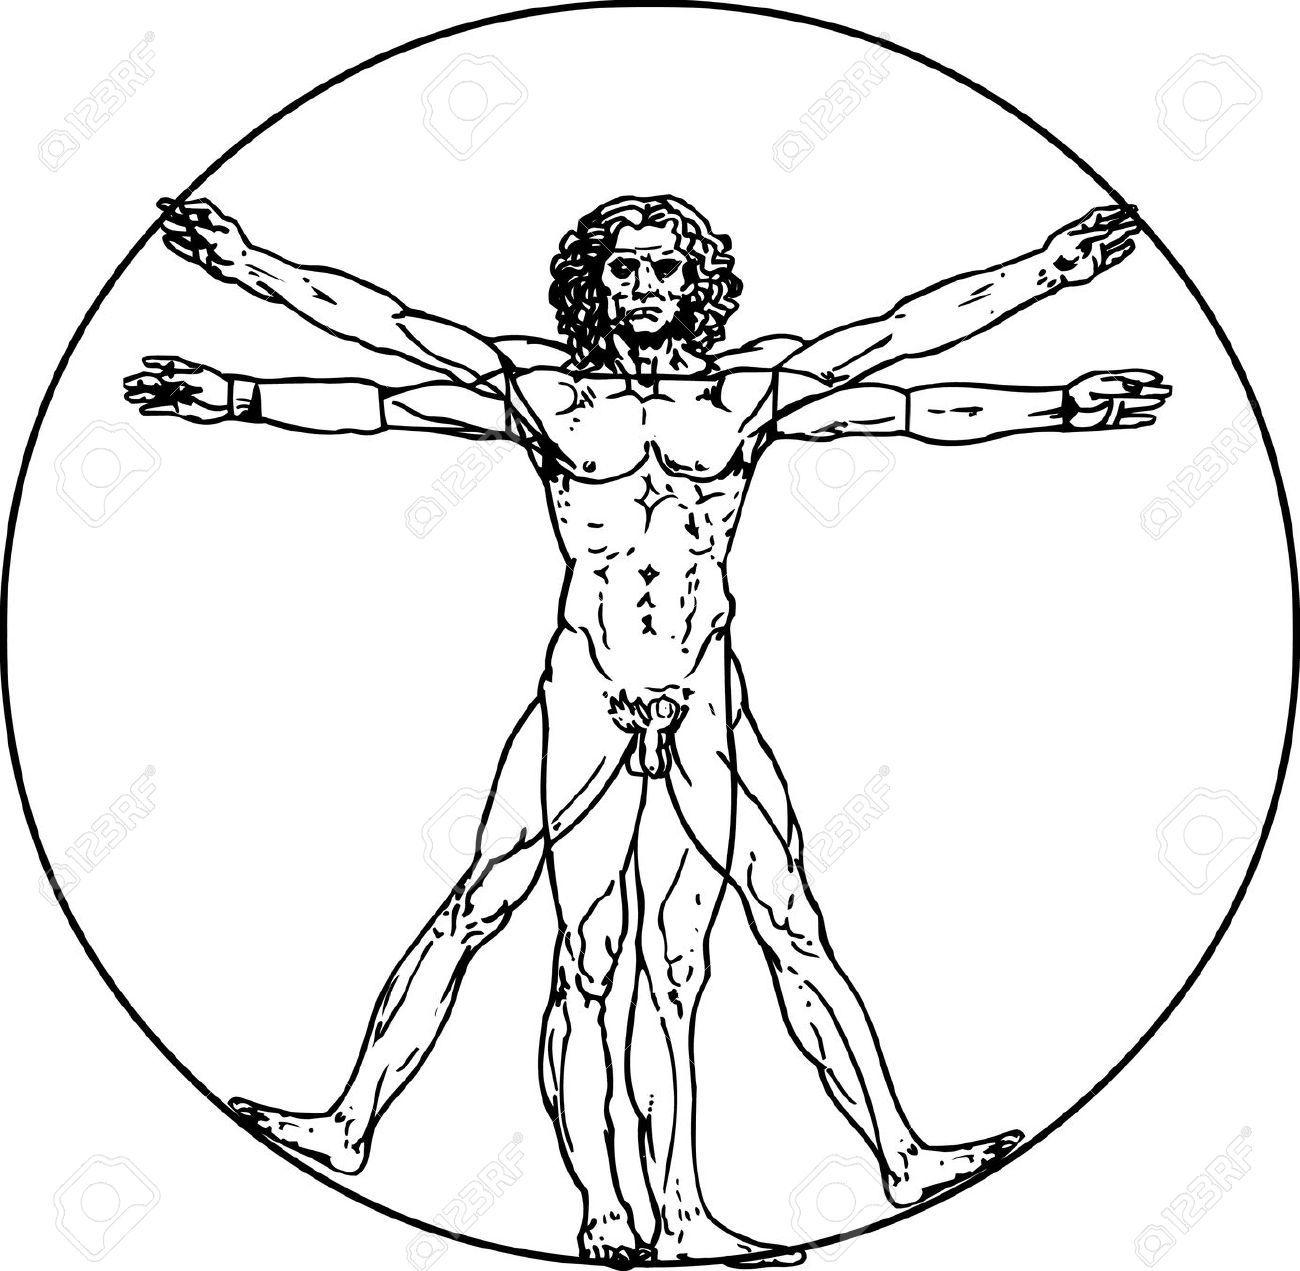 El Hombre Vitruvio Leonardo Da Vinci Tatuaje Hombre De Vitruvio El Hombre De Vitruvio Vitruvio